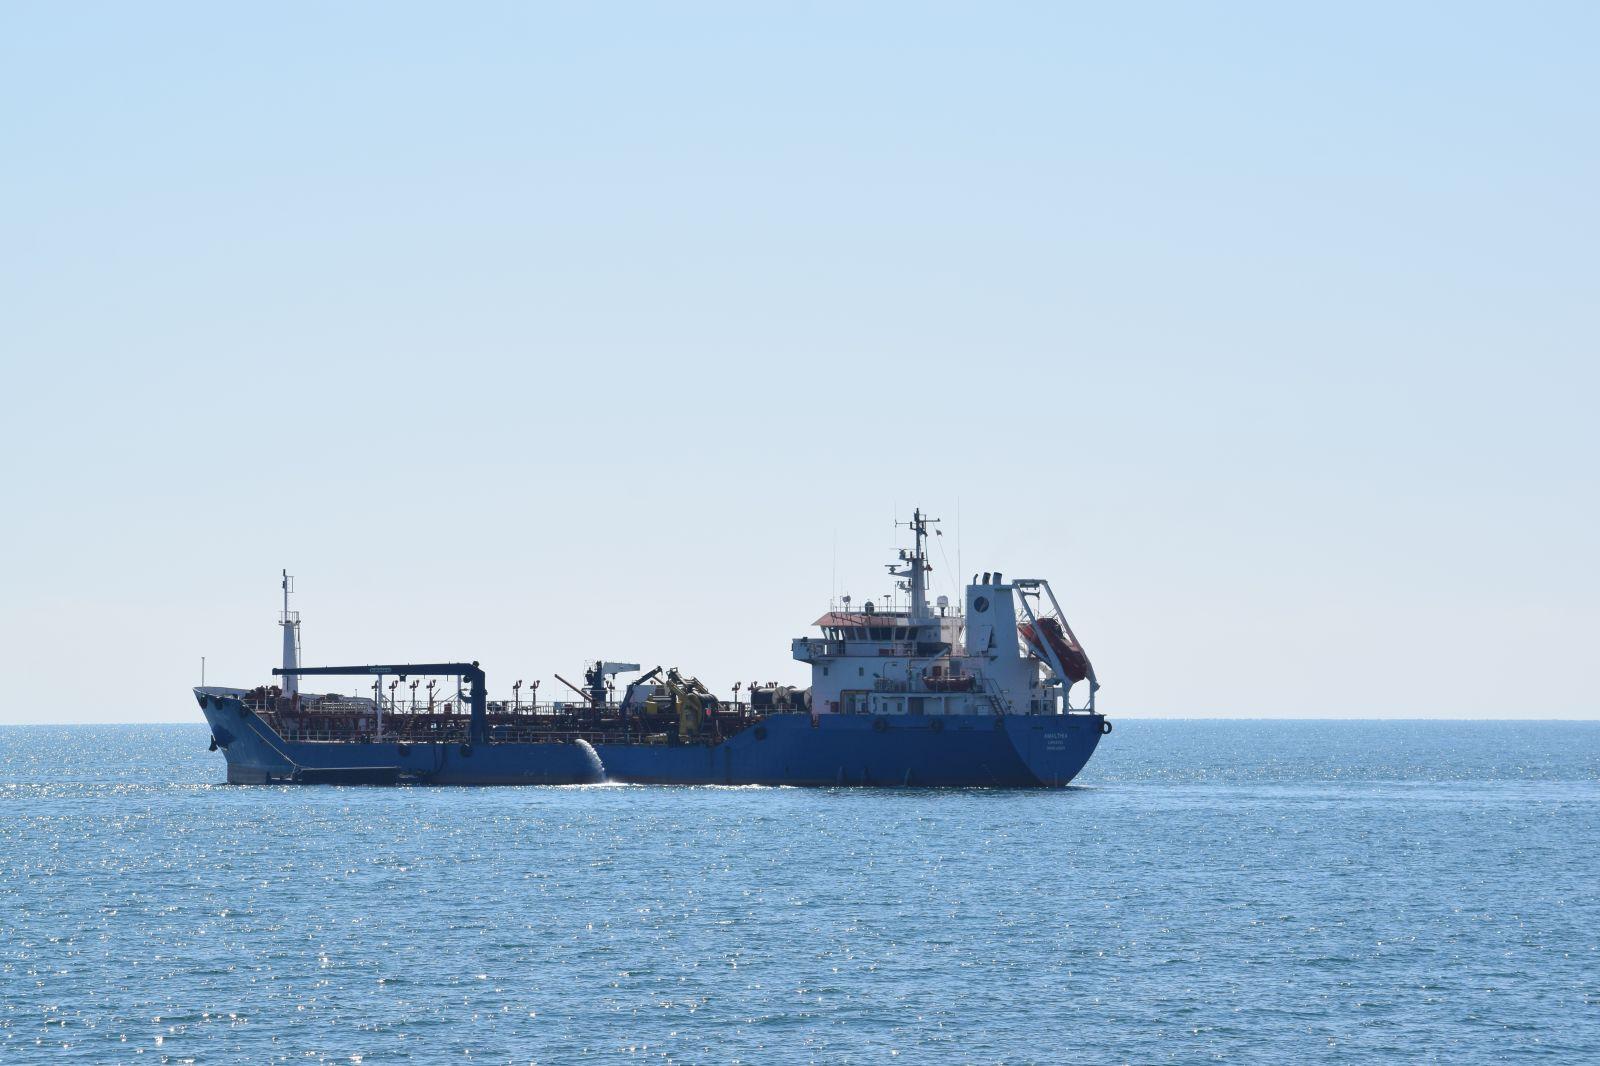 """Учението Бриз 2021 - Епизод 3 """"Спасяване на хора на море и ликвидиране на нефтен разлив"""" (ГОЛЯМА ДИНАМИЧНА ГАЛЕРИЯ)"""